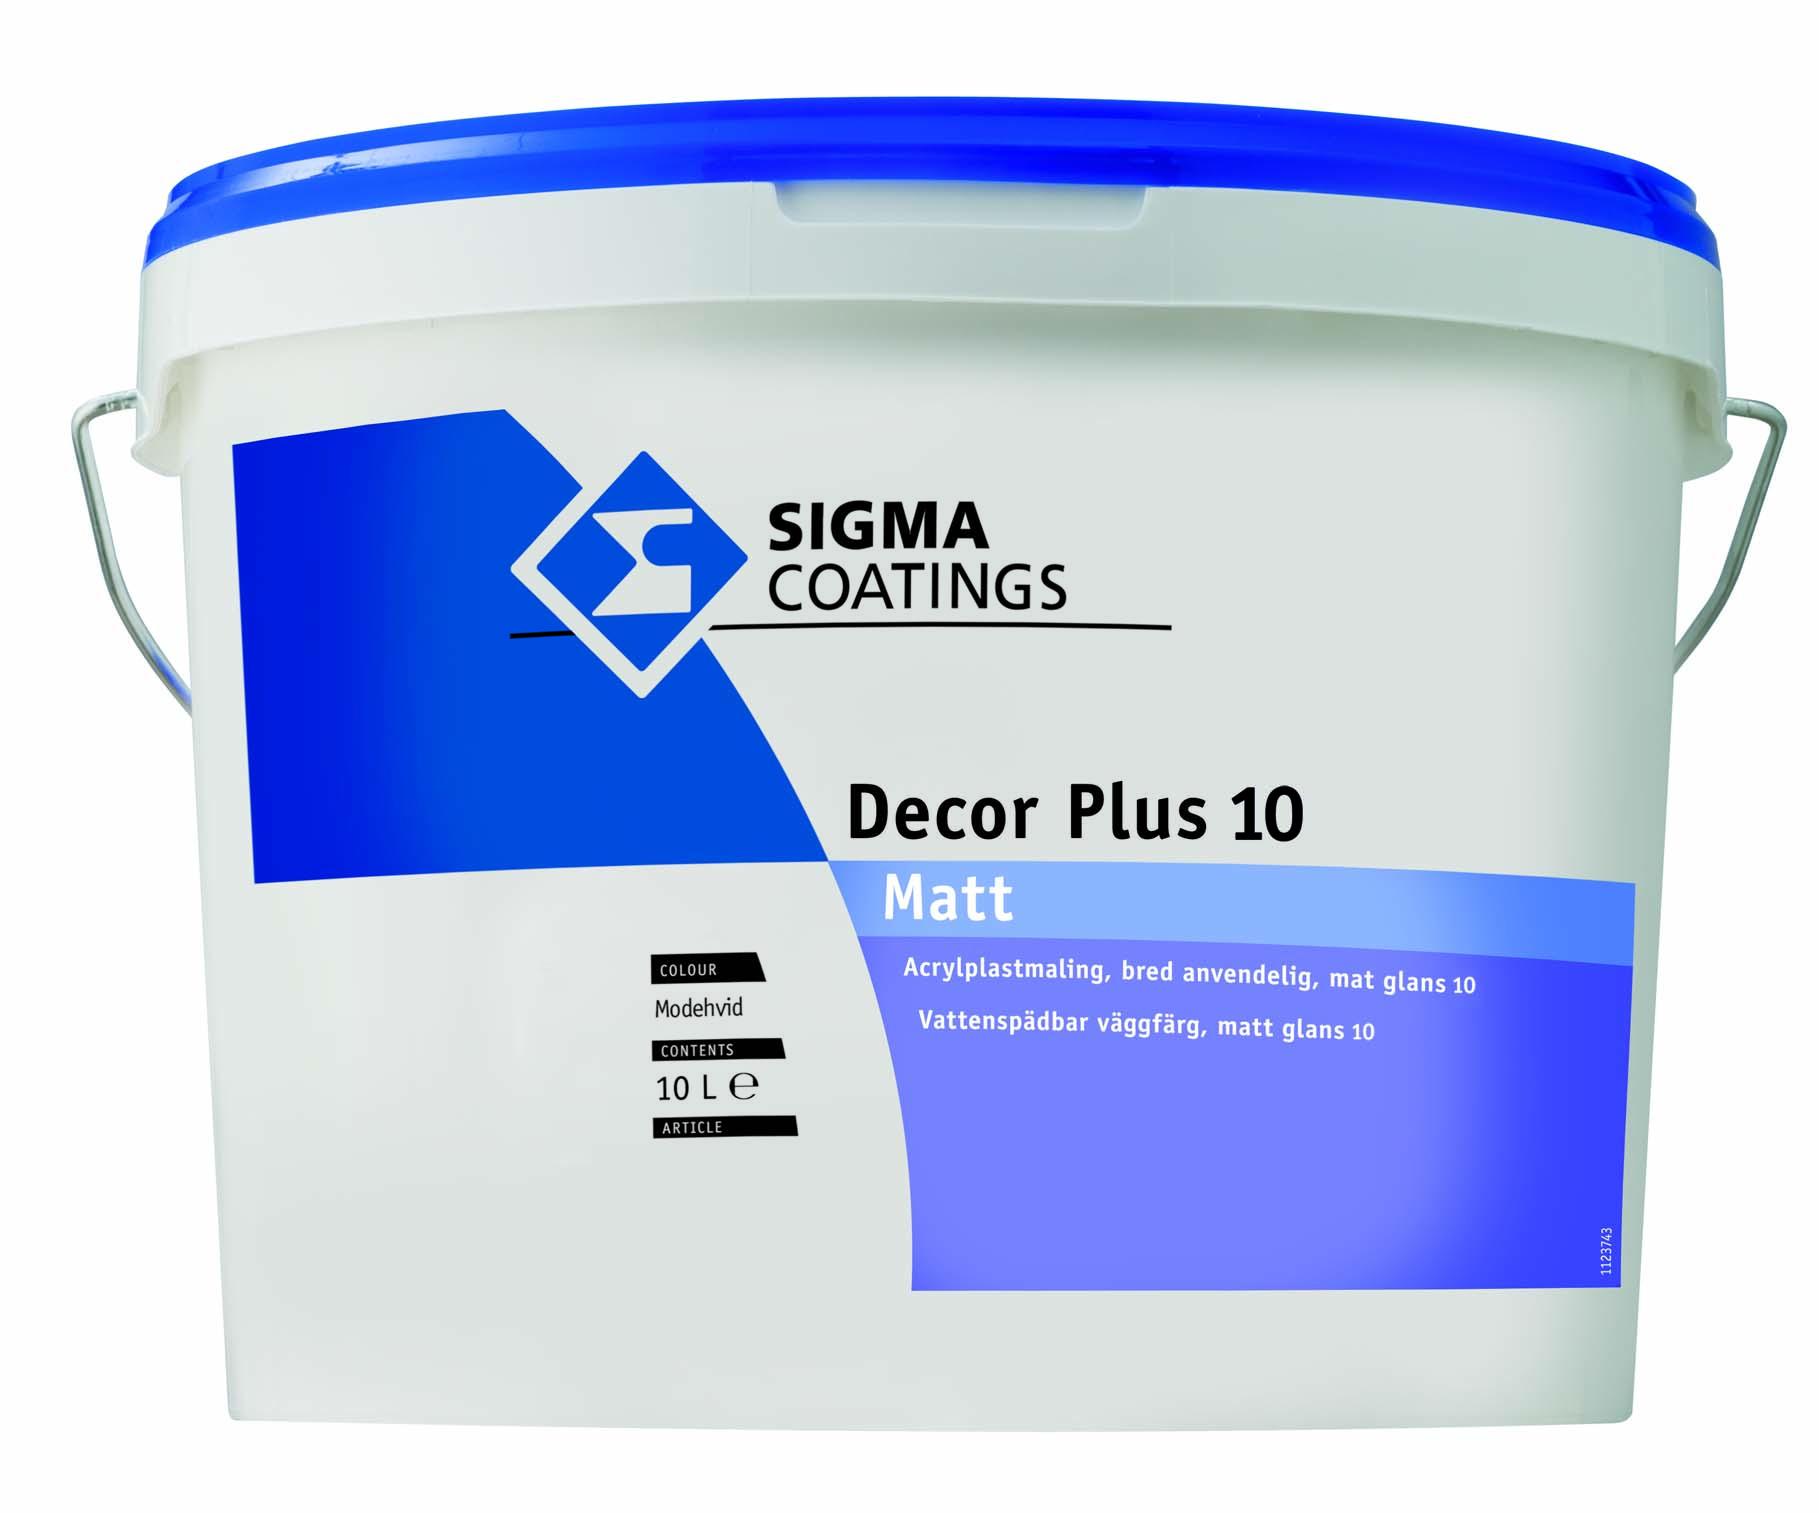 Decor Plus 10